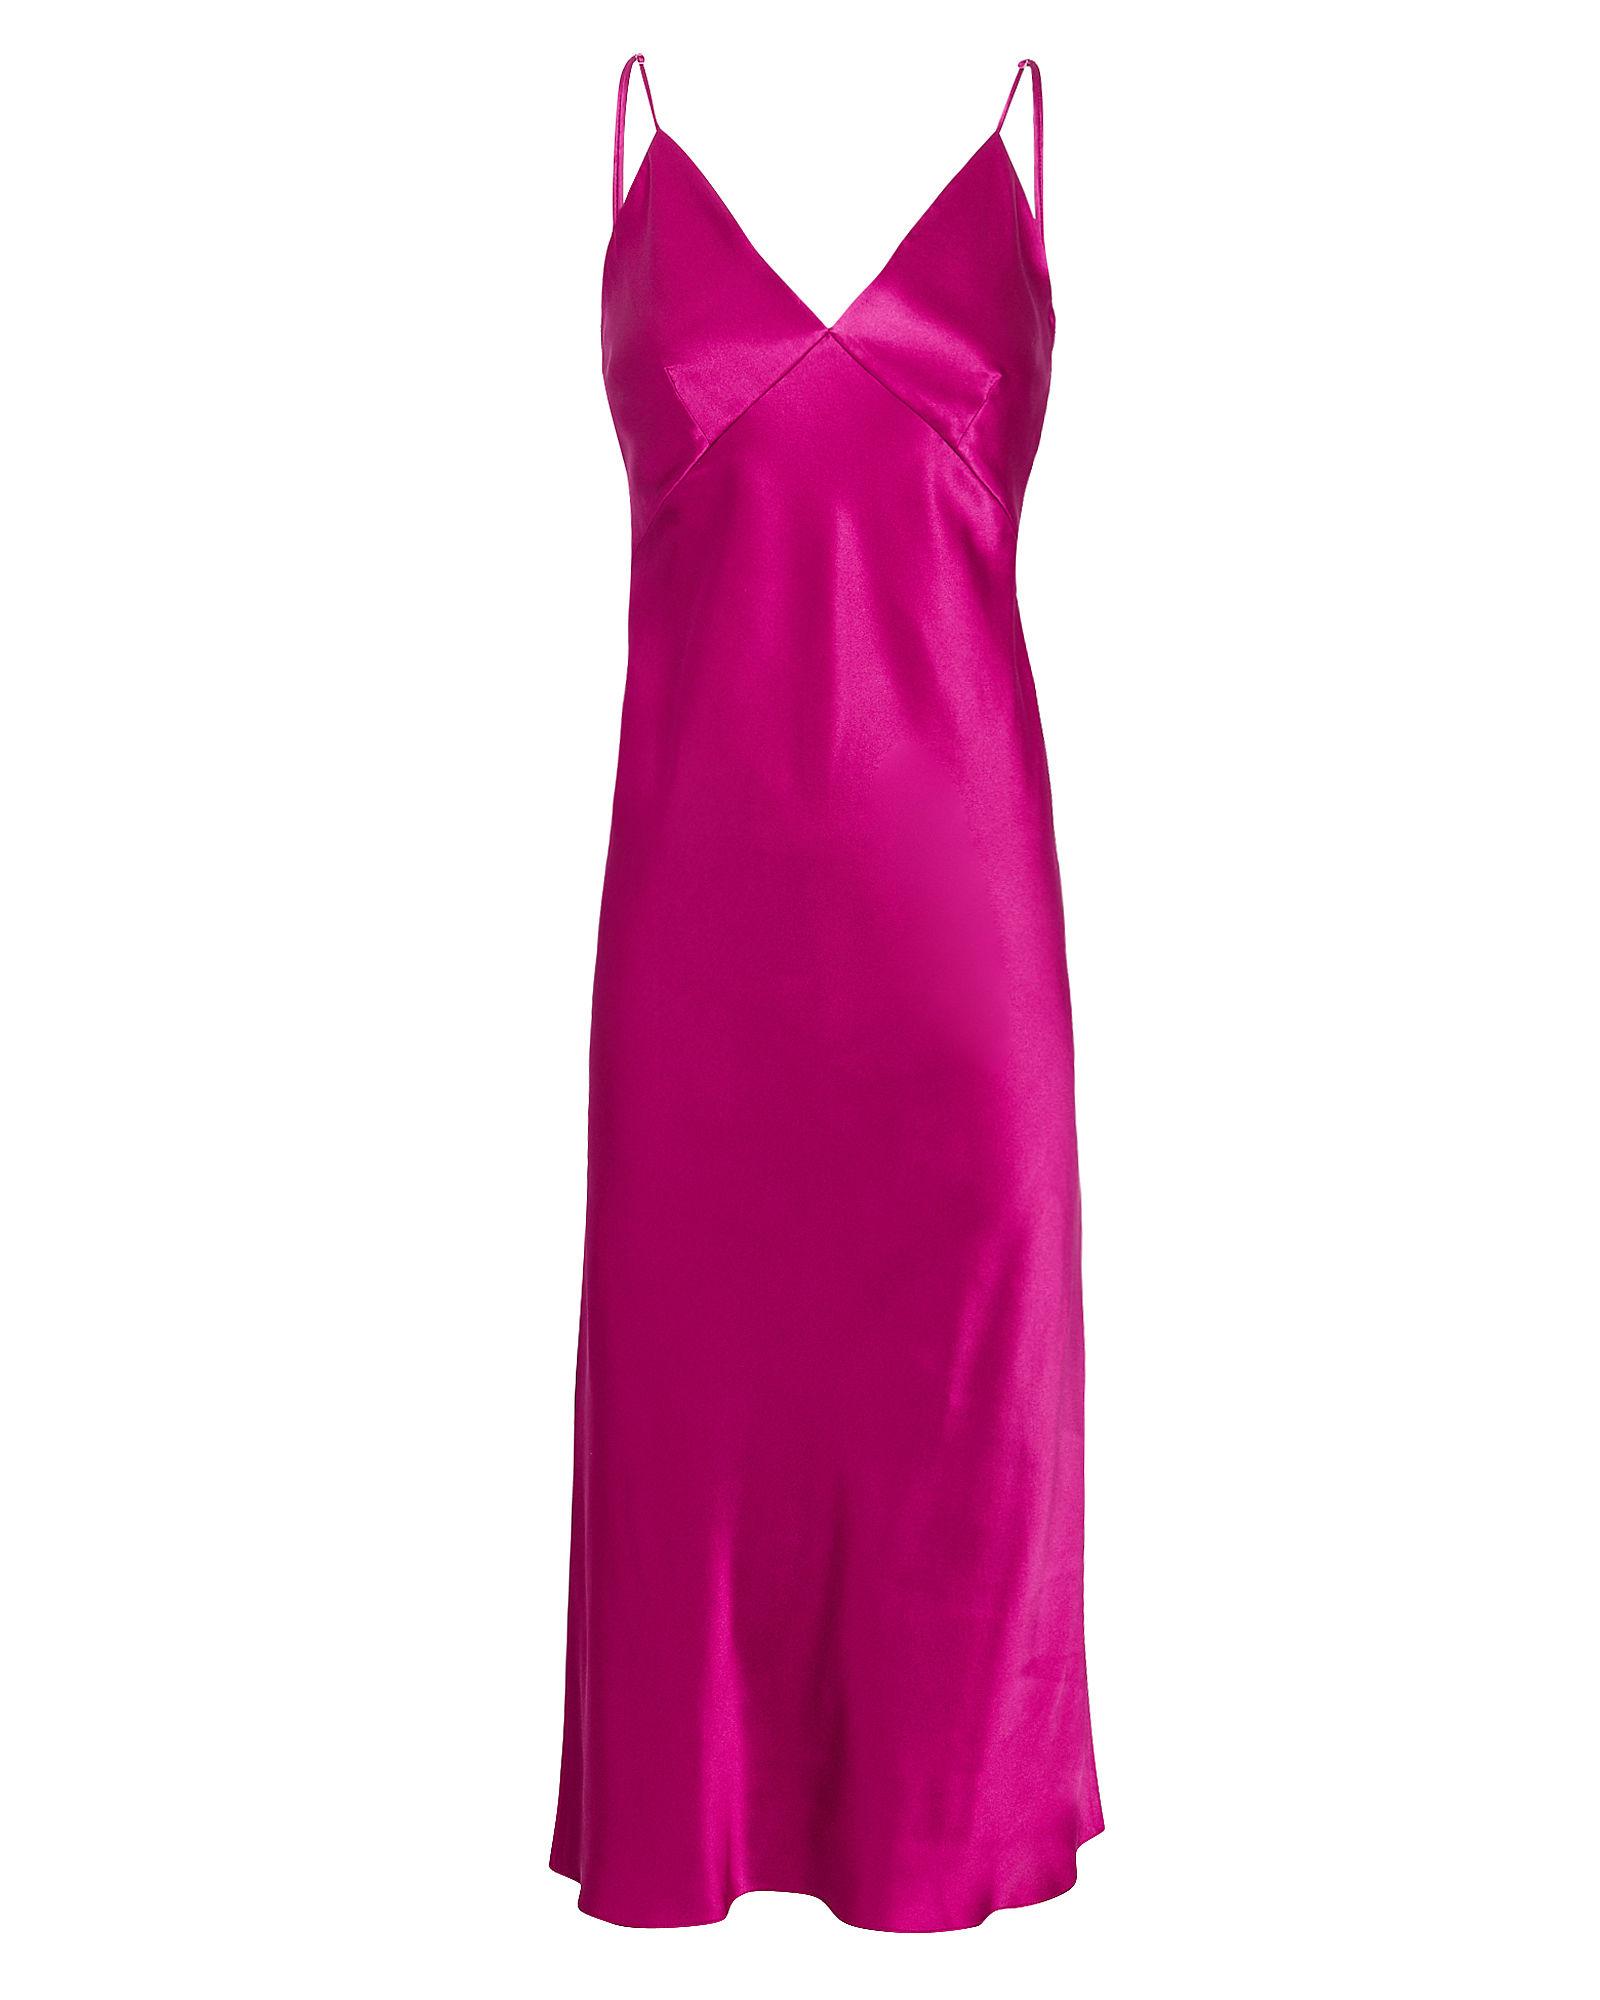 Issa Dark Pink Slip Dress